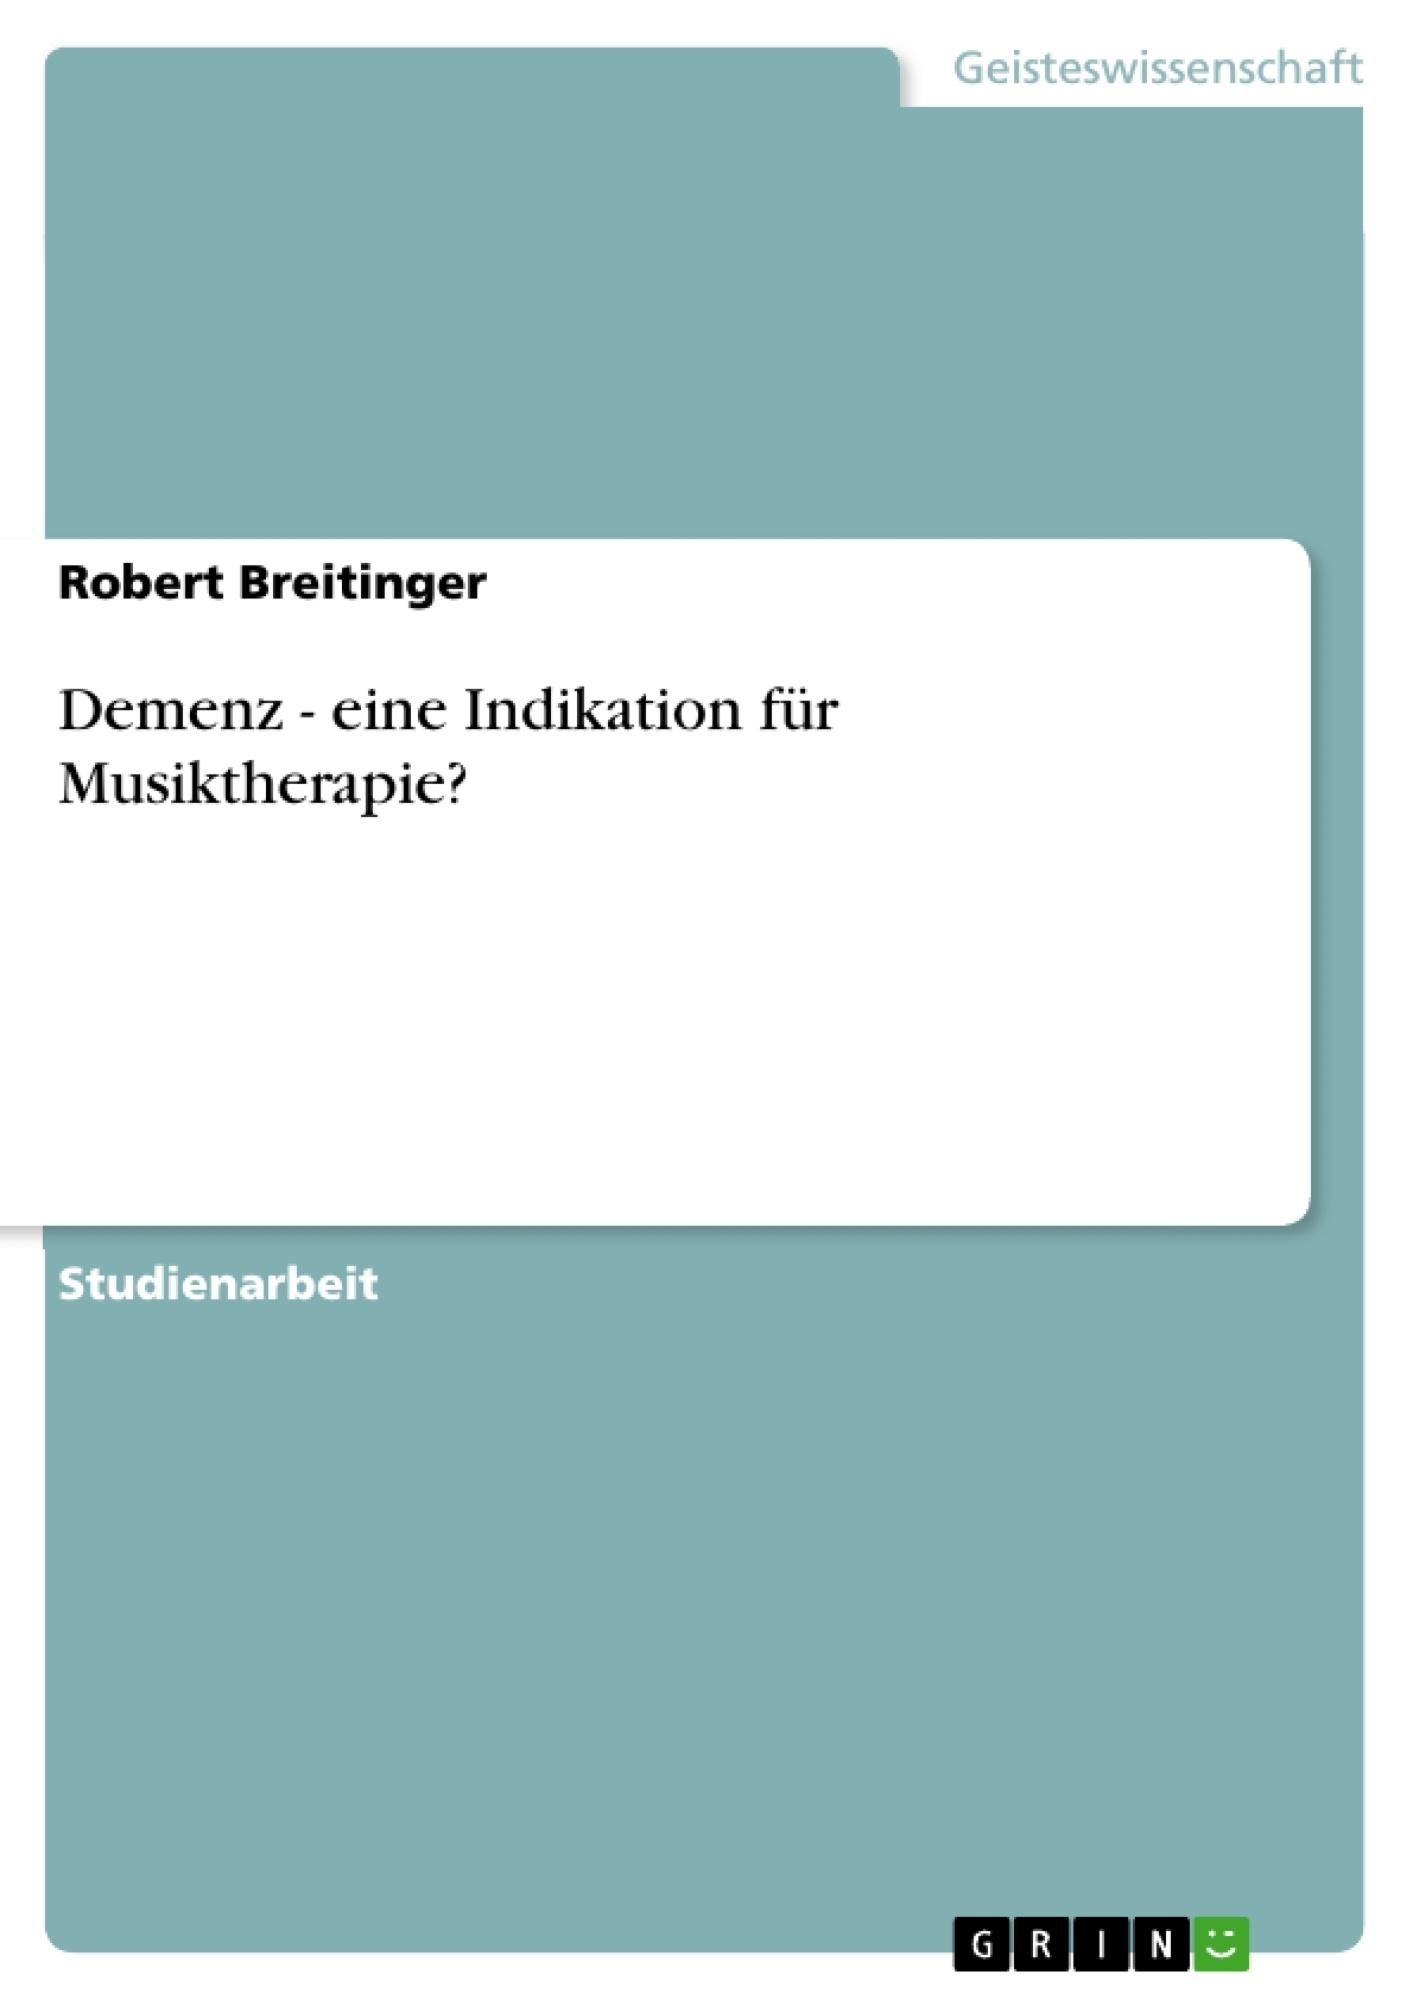 Titel: Demenz - eine Indikation für Musiktherapie?